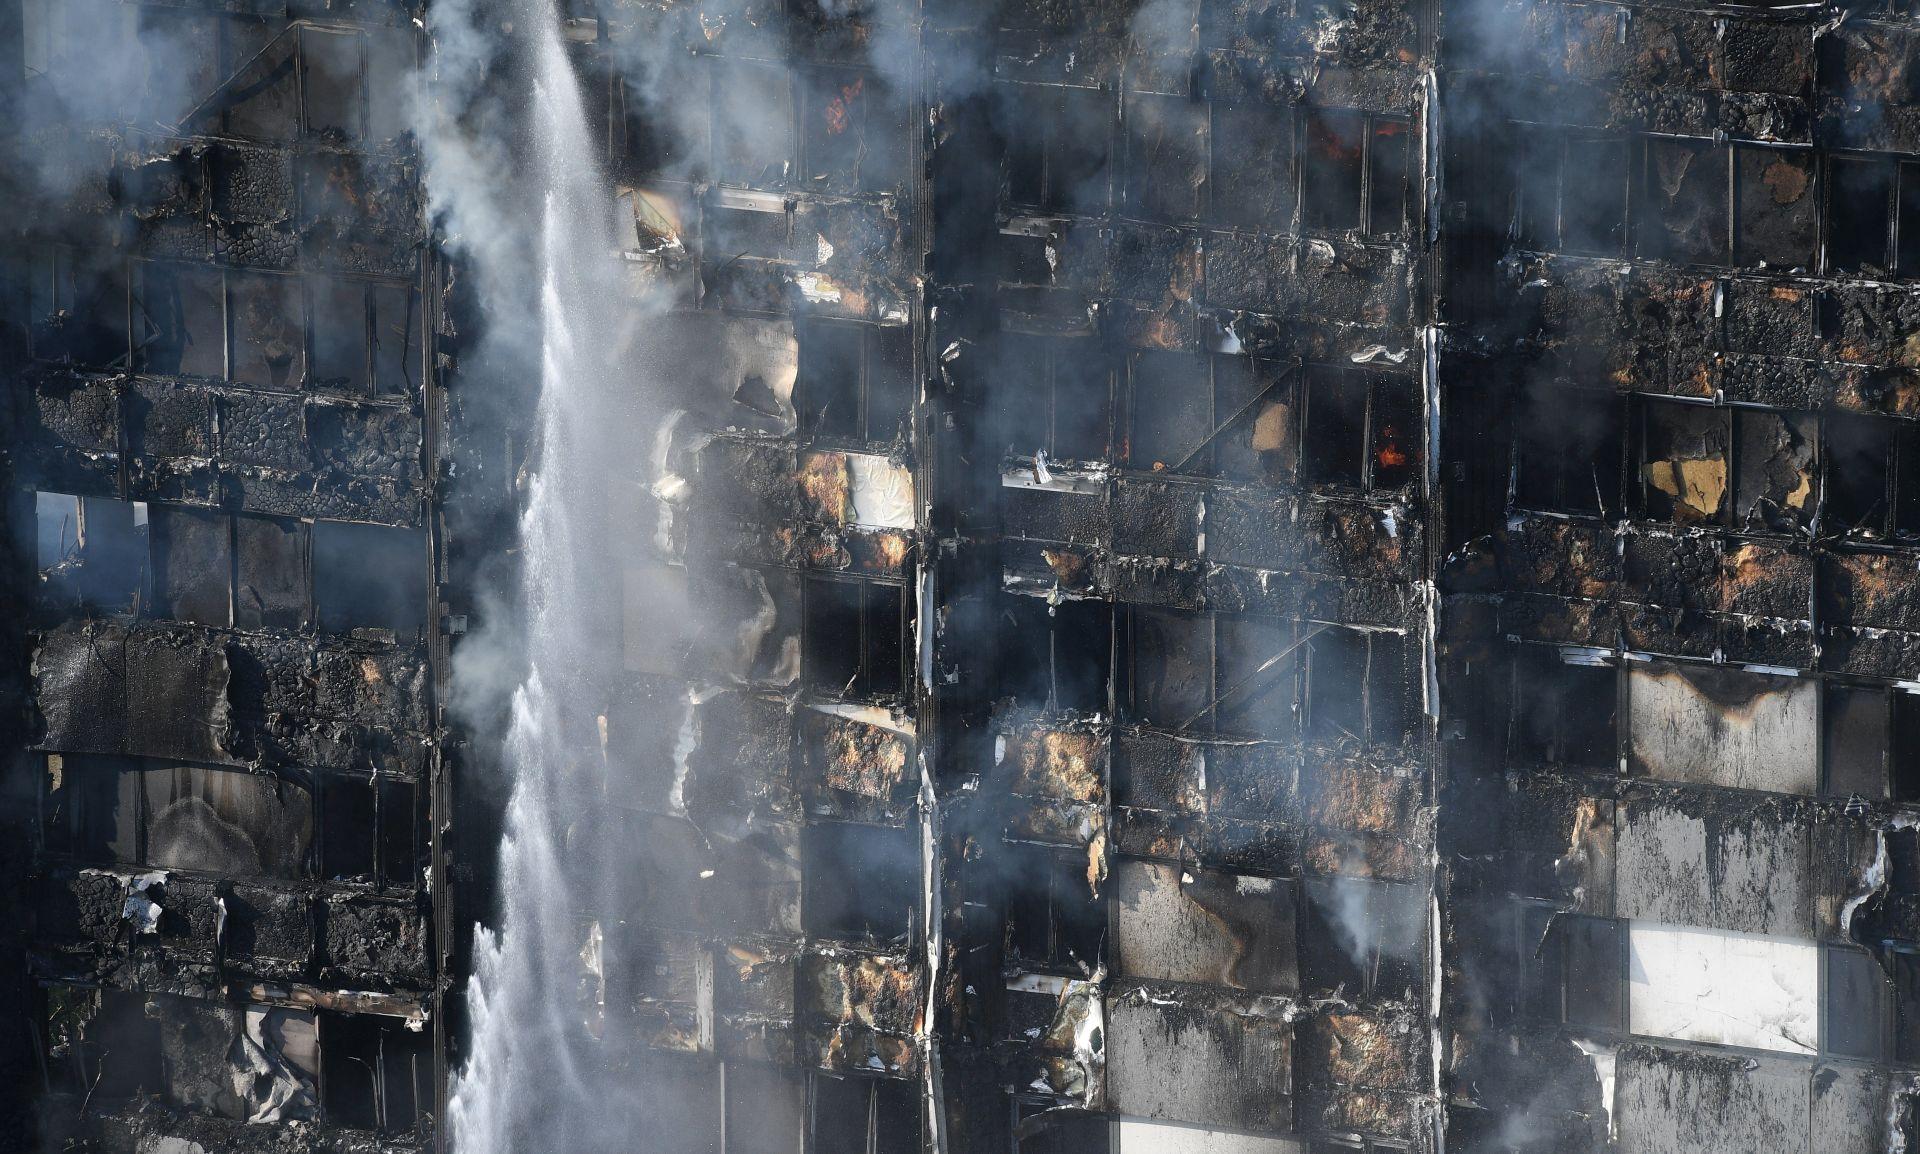 POŽAR U LONDONU Vatrogasci još uvijek ne mogu u potpunosti pretražiti zgradu